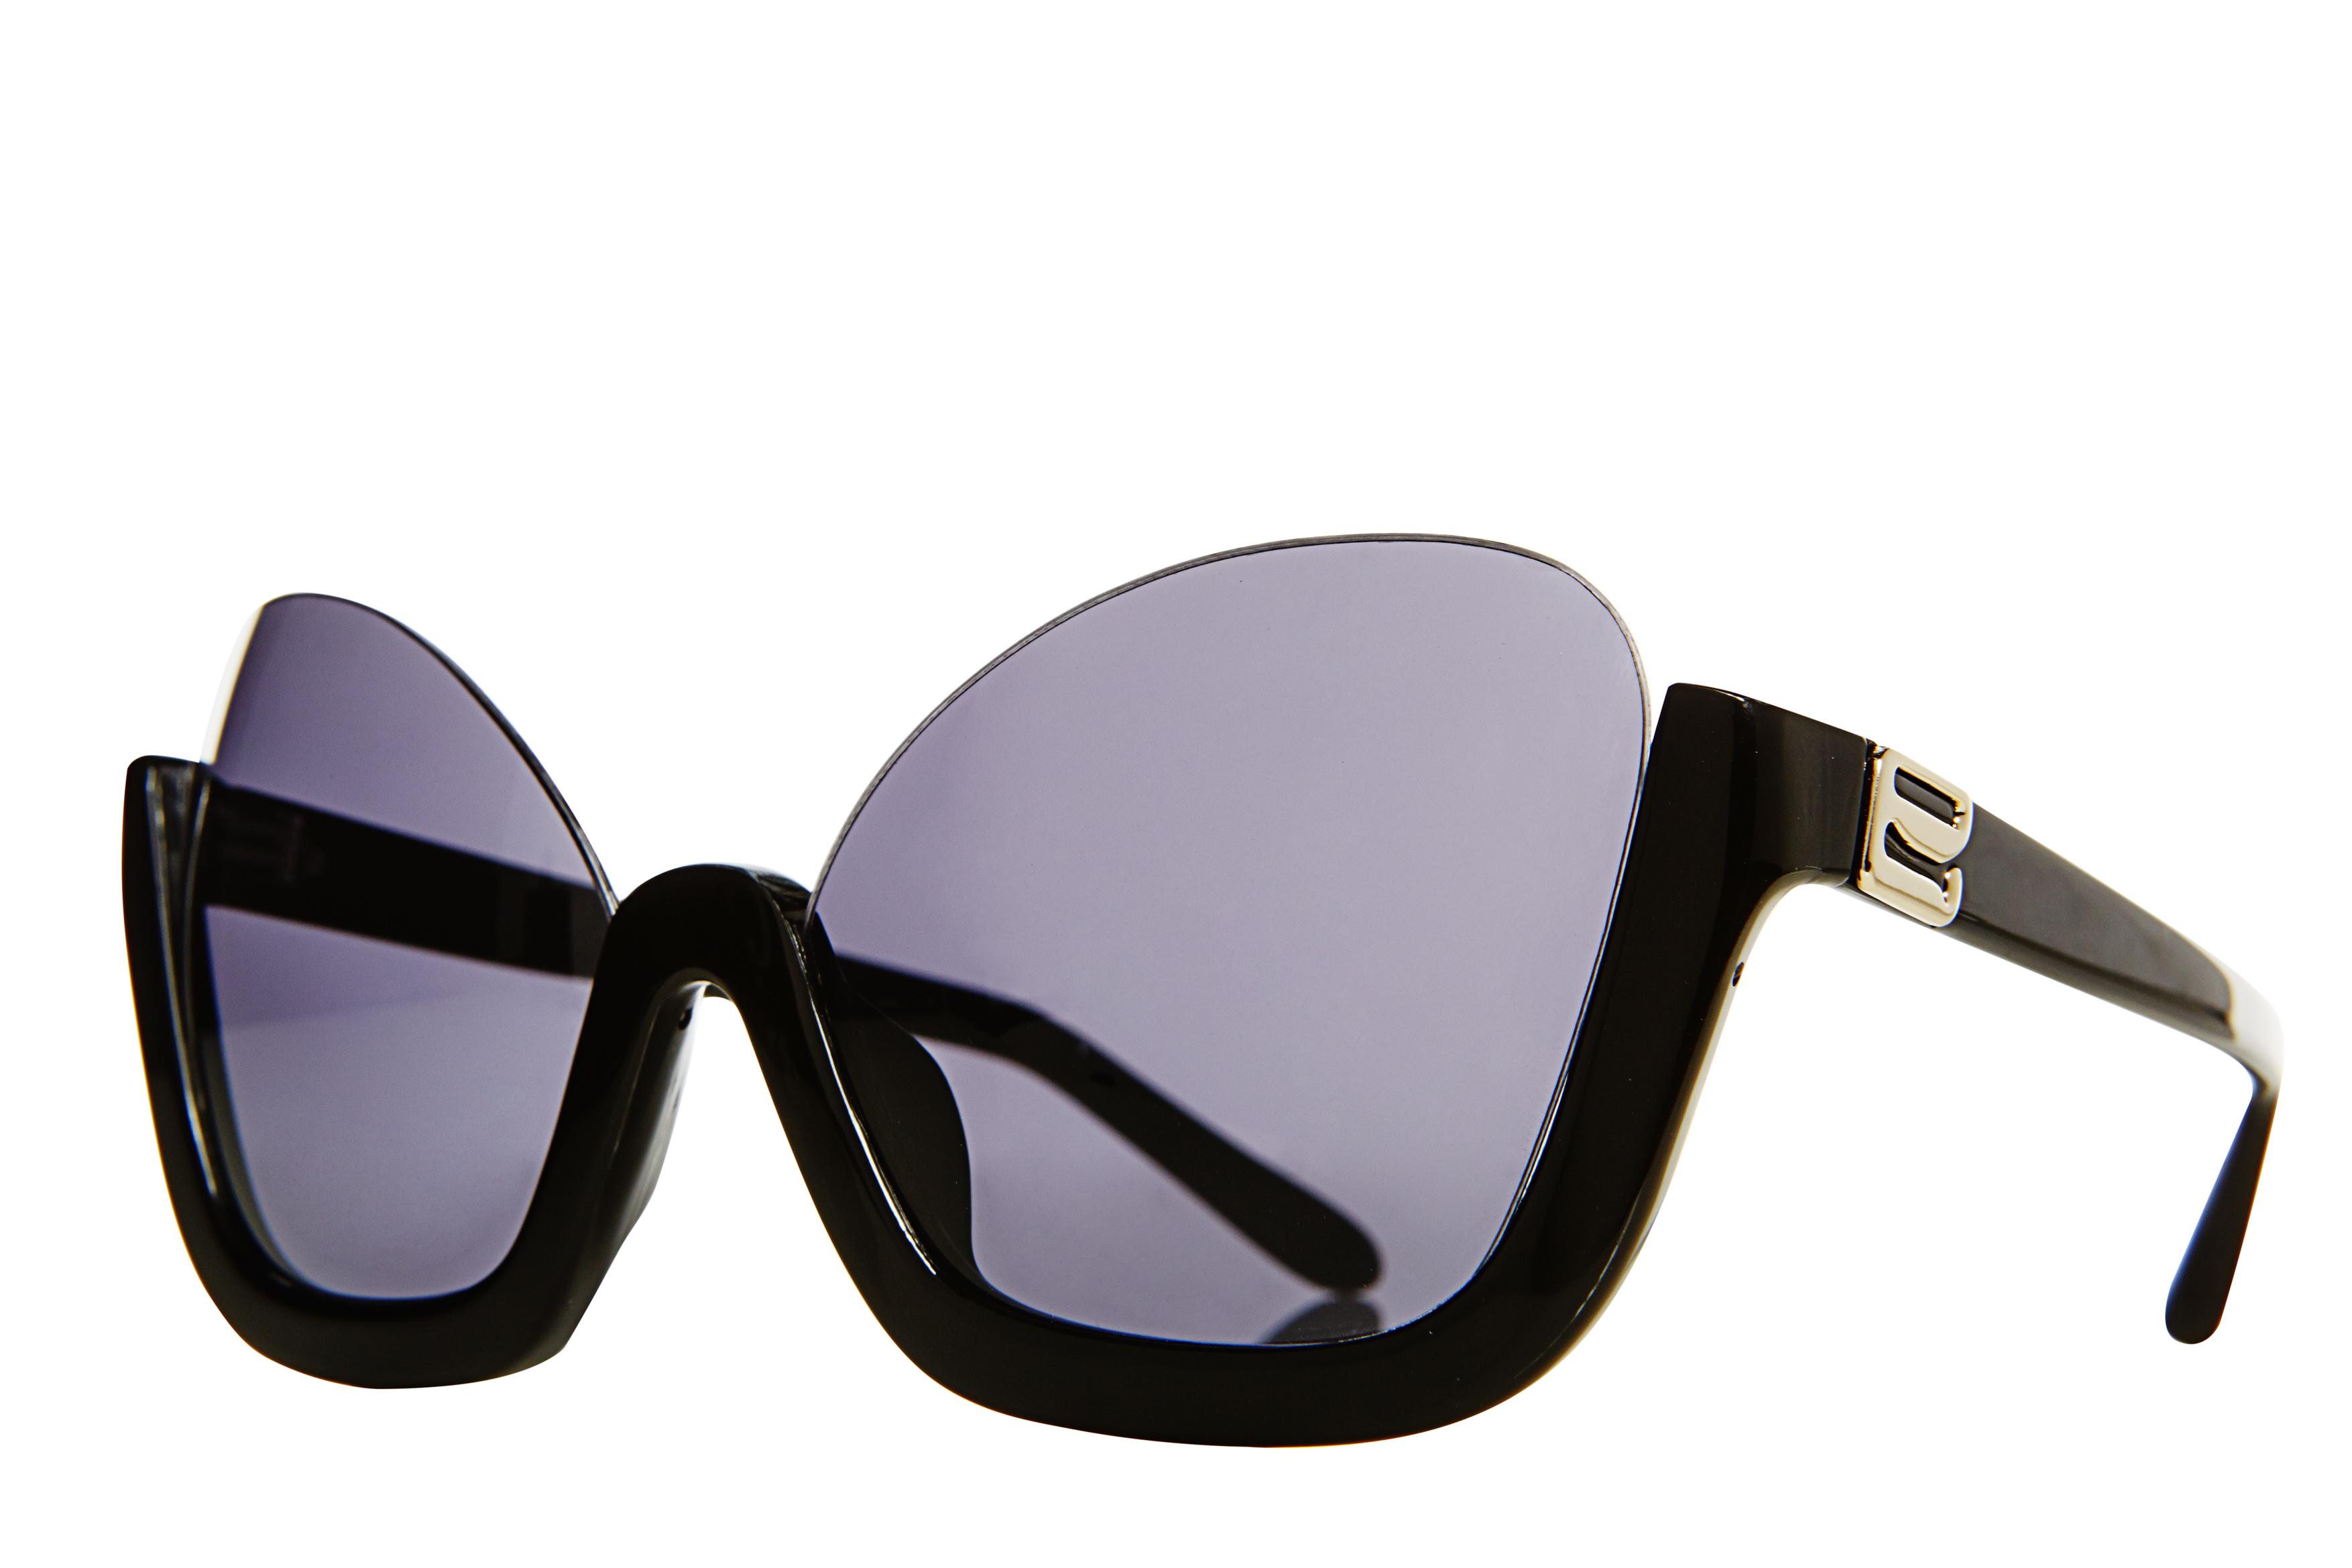 La Perla Sunglasses Balconette_0021746